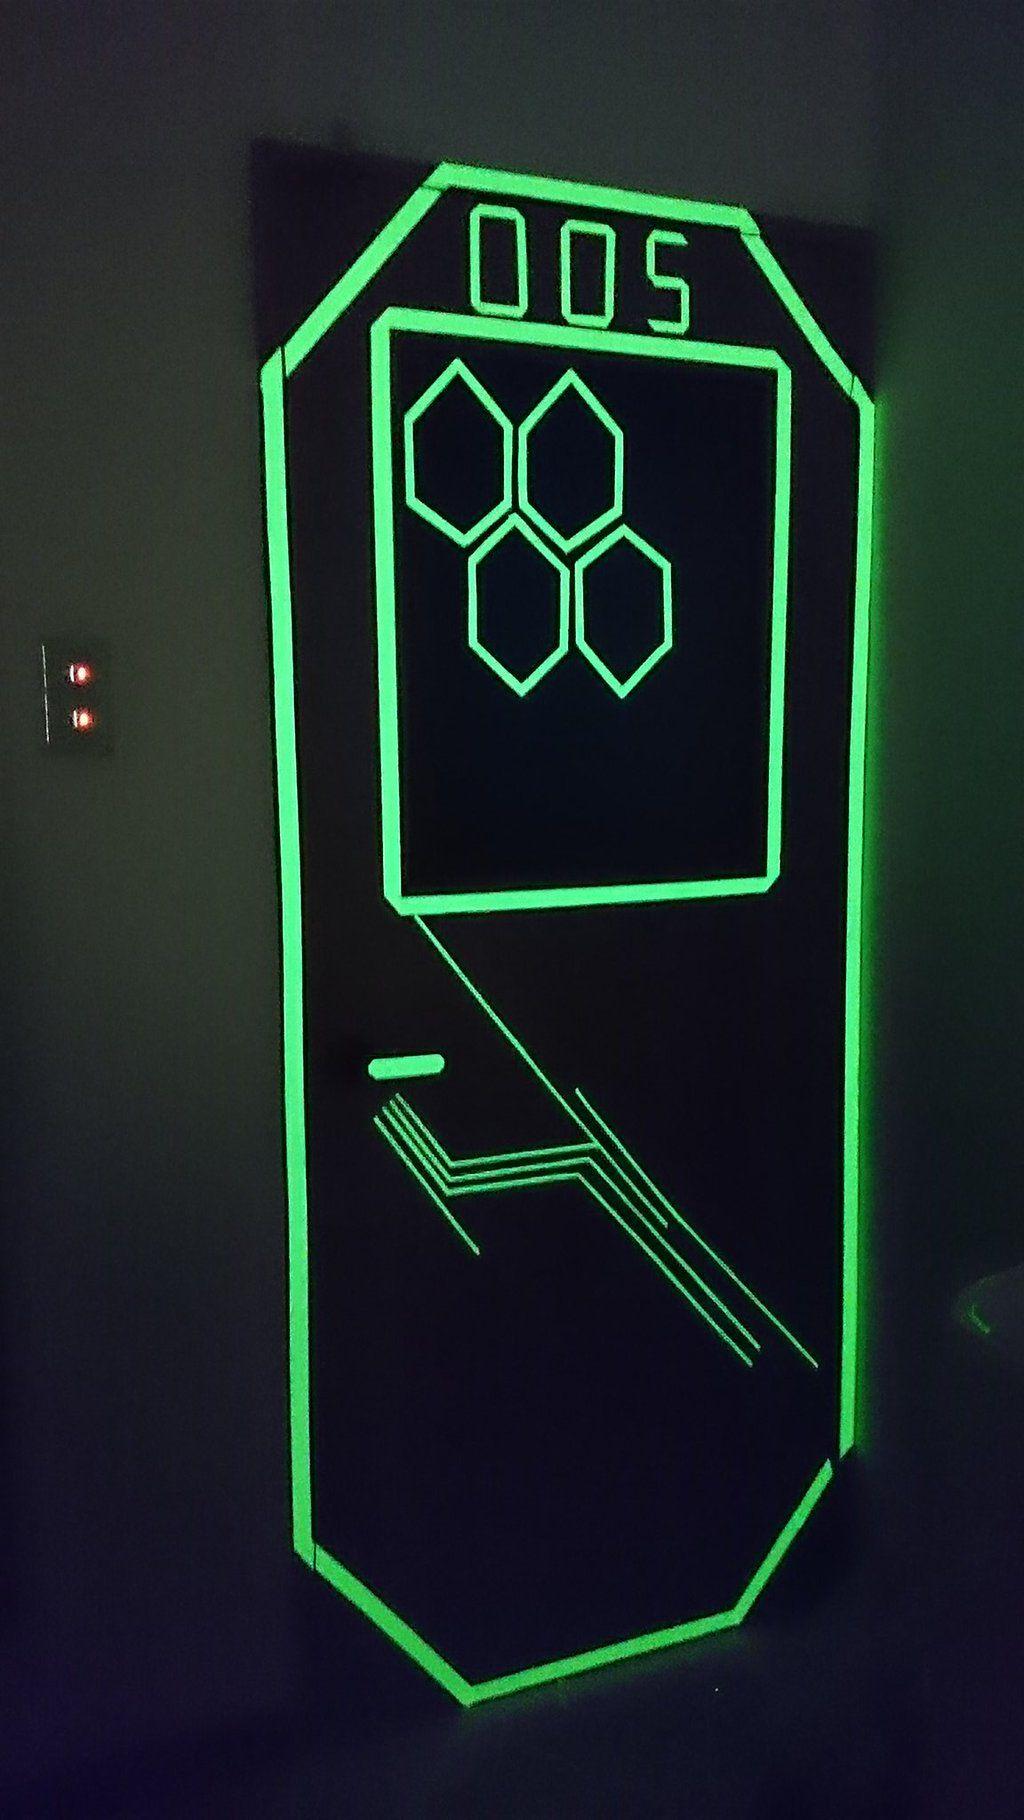 蓄光テープの使い方がわからないのでドアに貼ってみたらサイバーすぎた